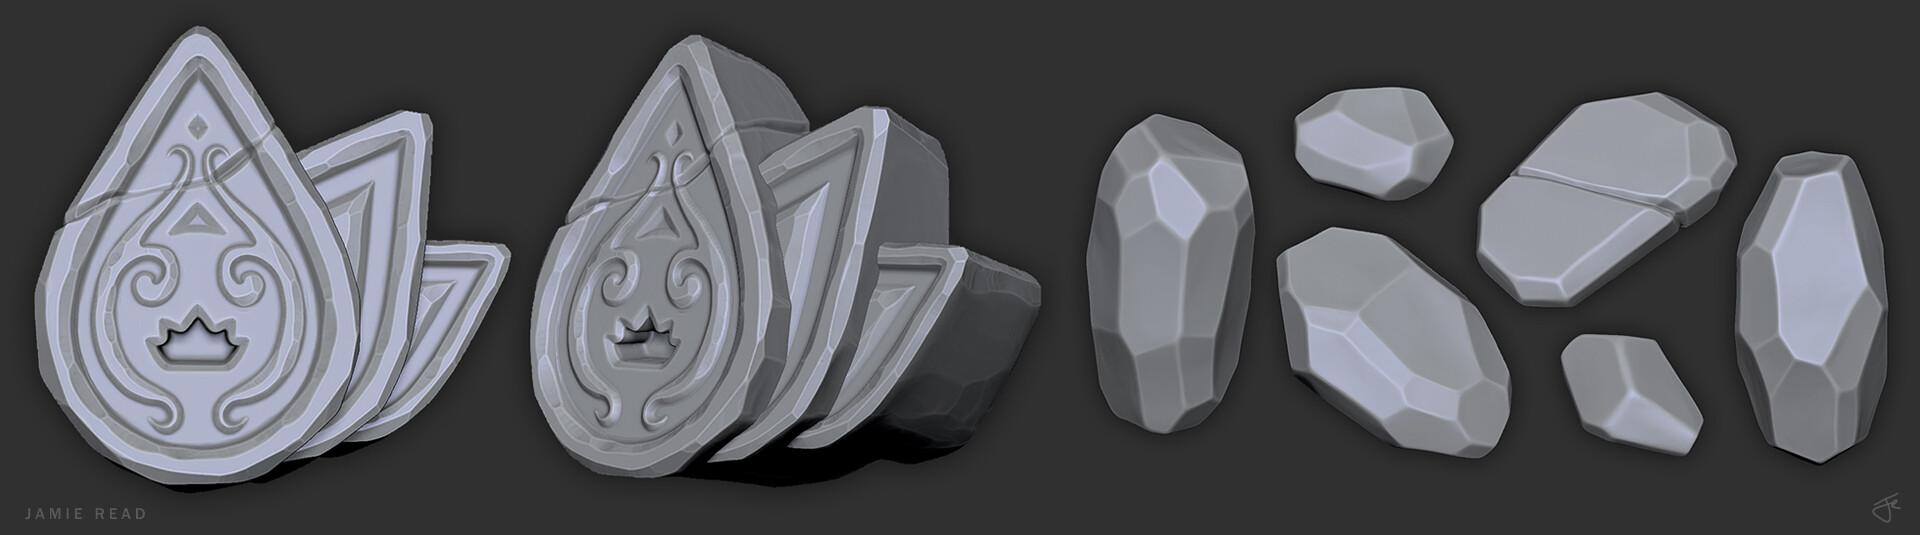 Jamie rex portfolio sacredspring sculpts 02